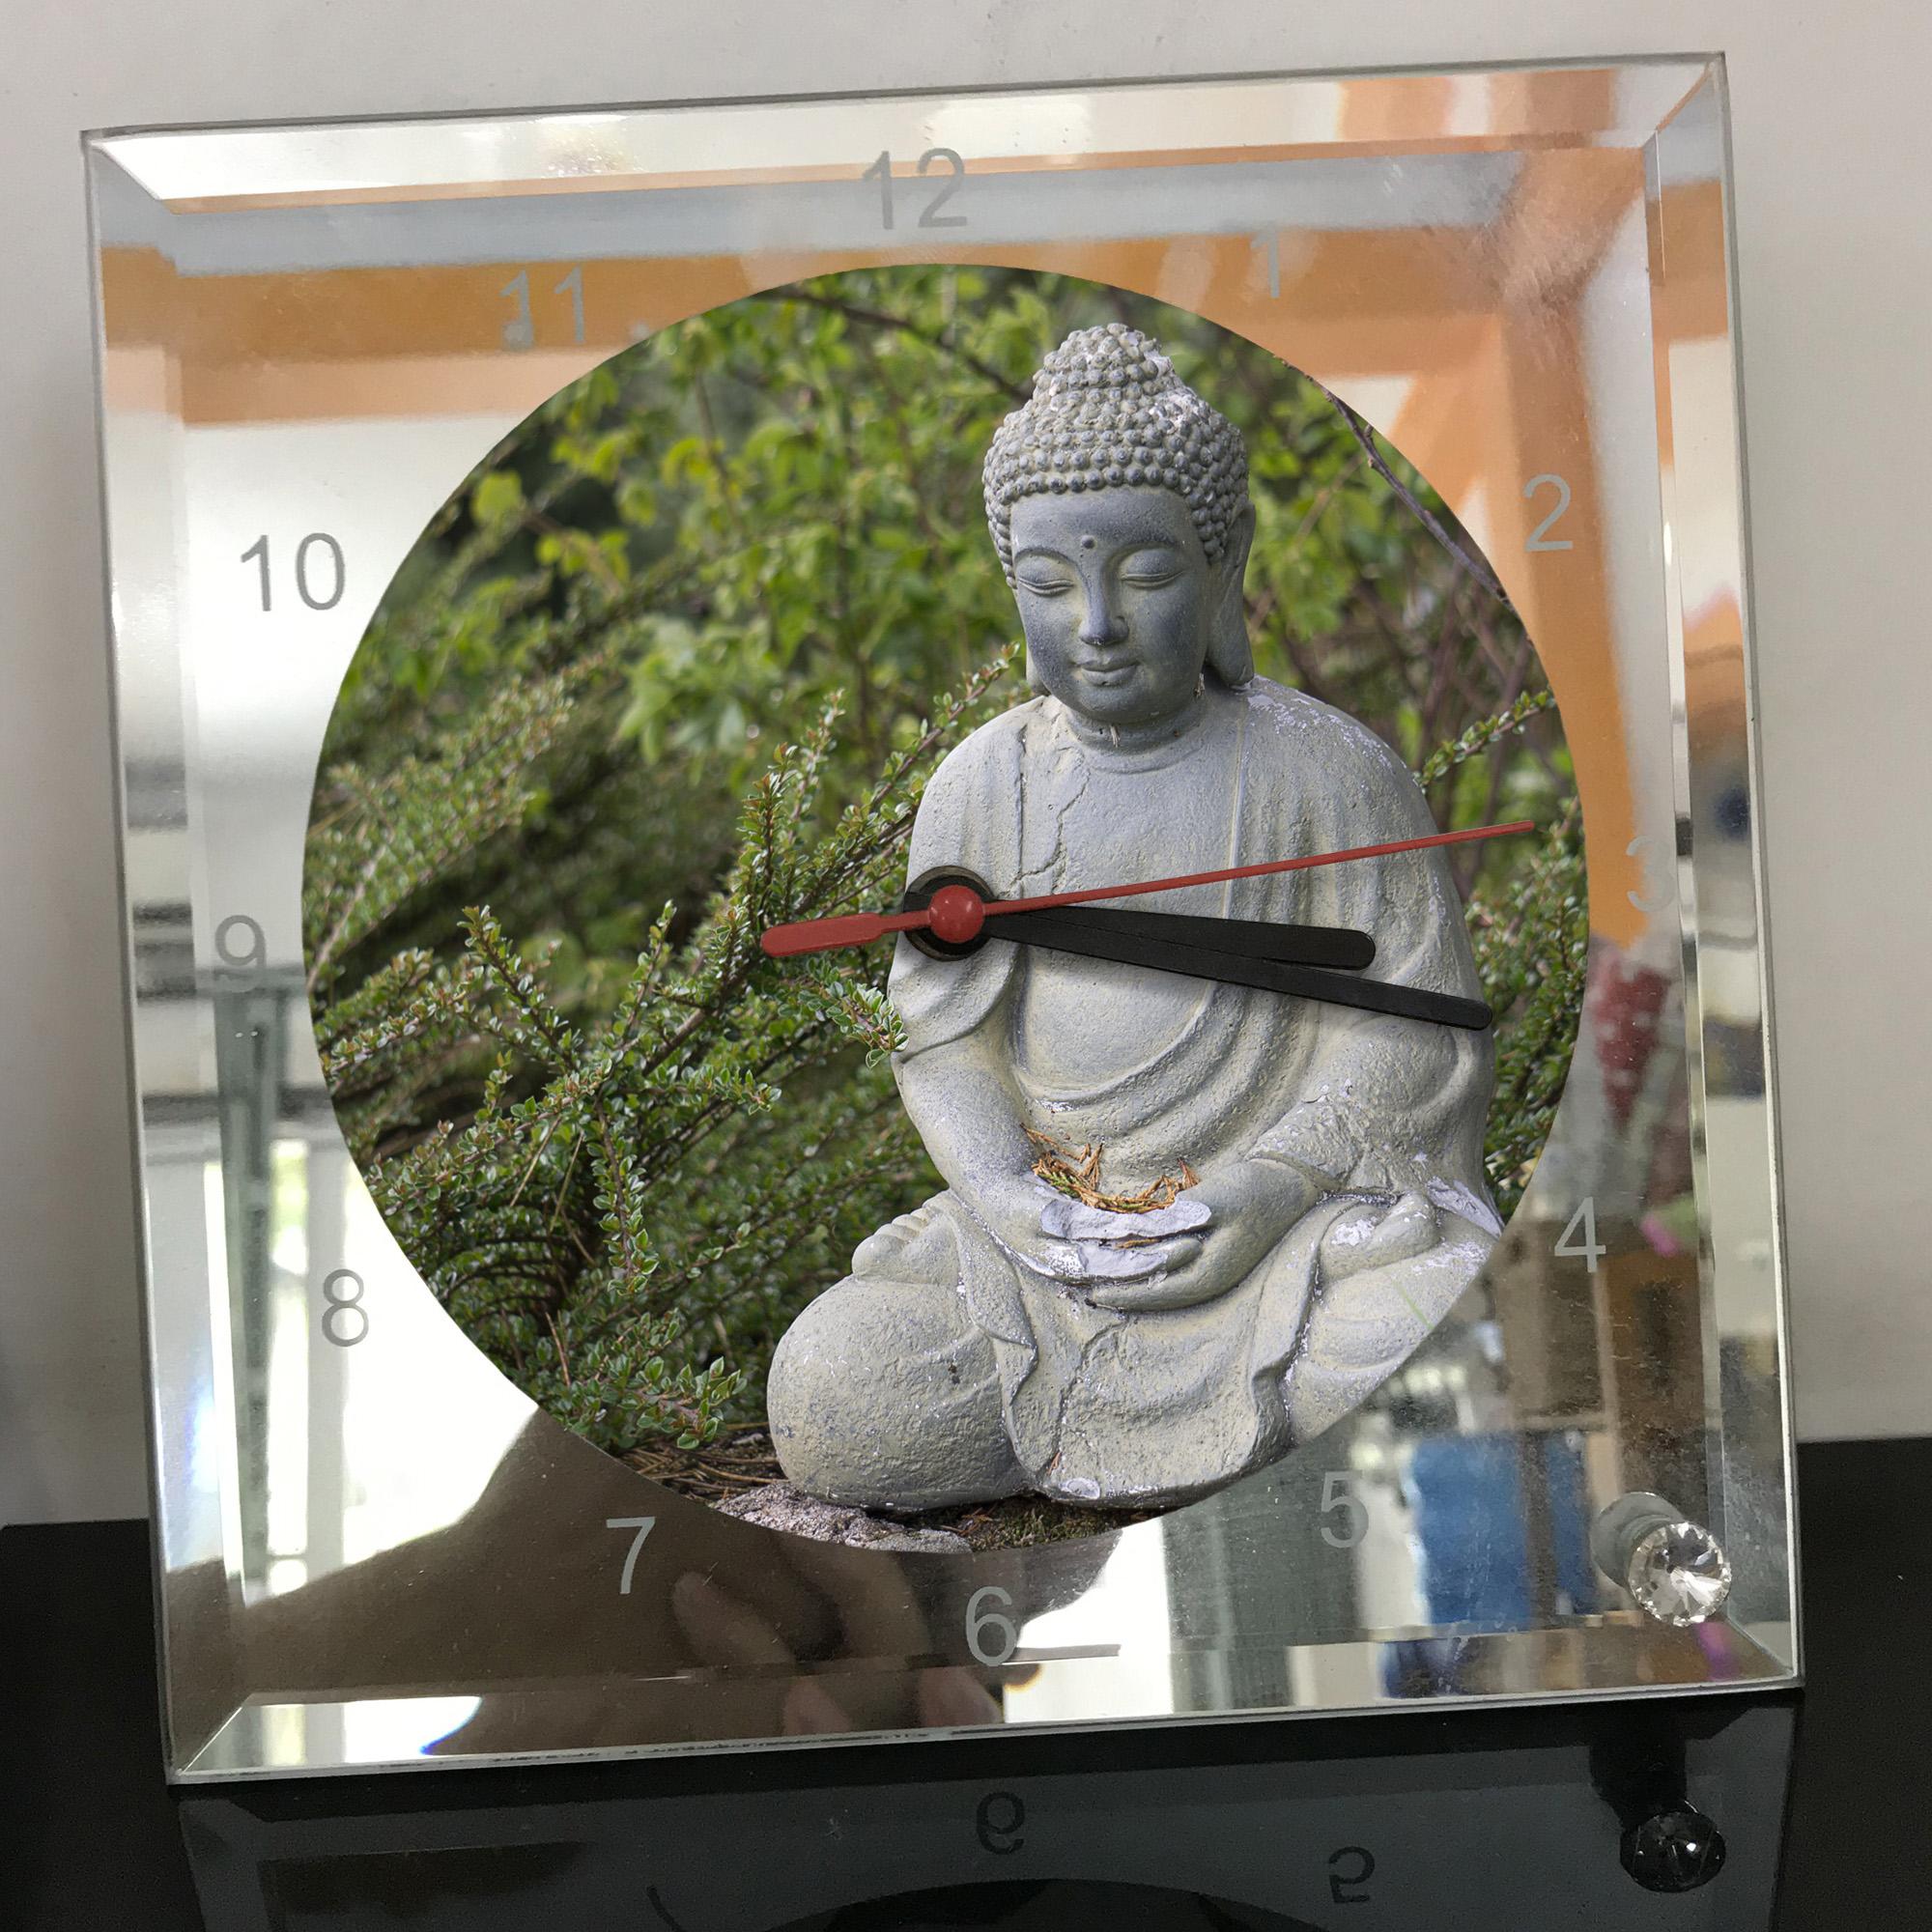 Đồng hồ thủy tinh vuông 20x20 in hình Buddhism - đạo phật (99) . Đồng hồ thủy tinh để bàn trang trí đẹp chủ đề tôn giáo